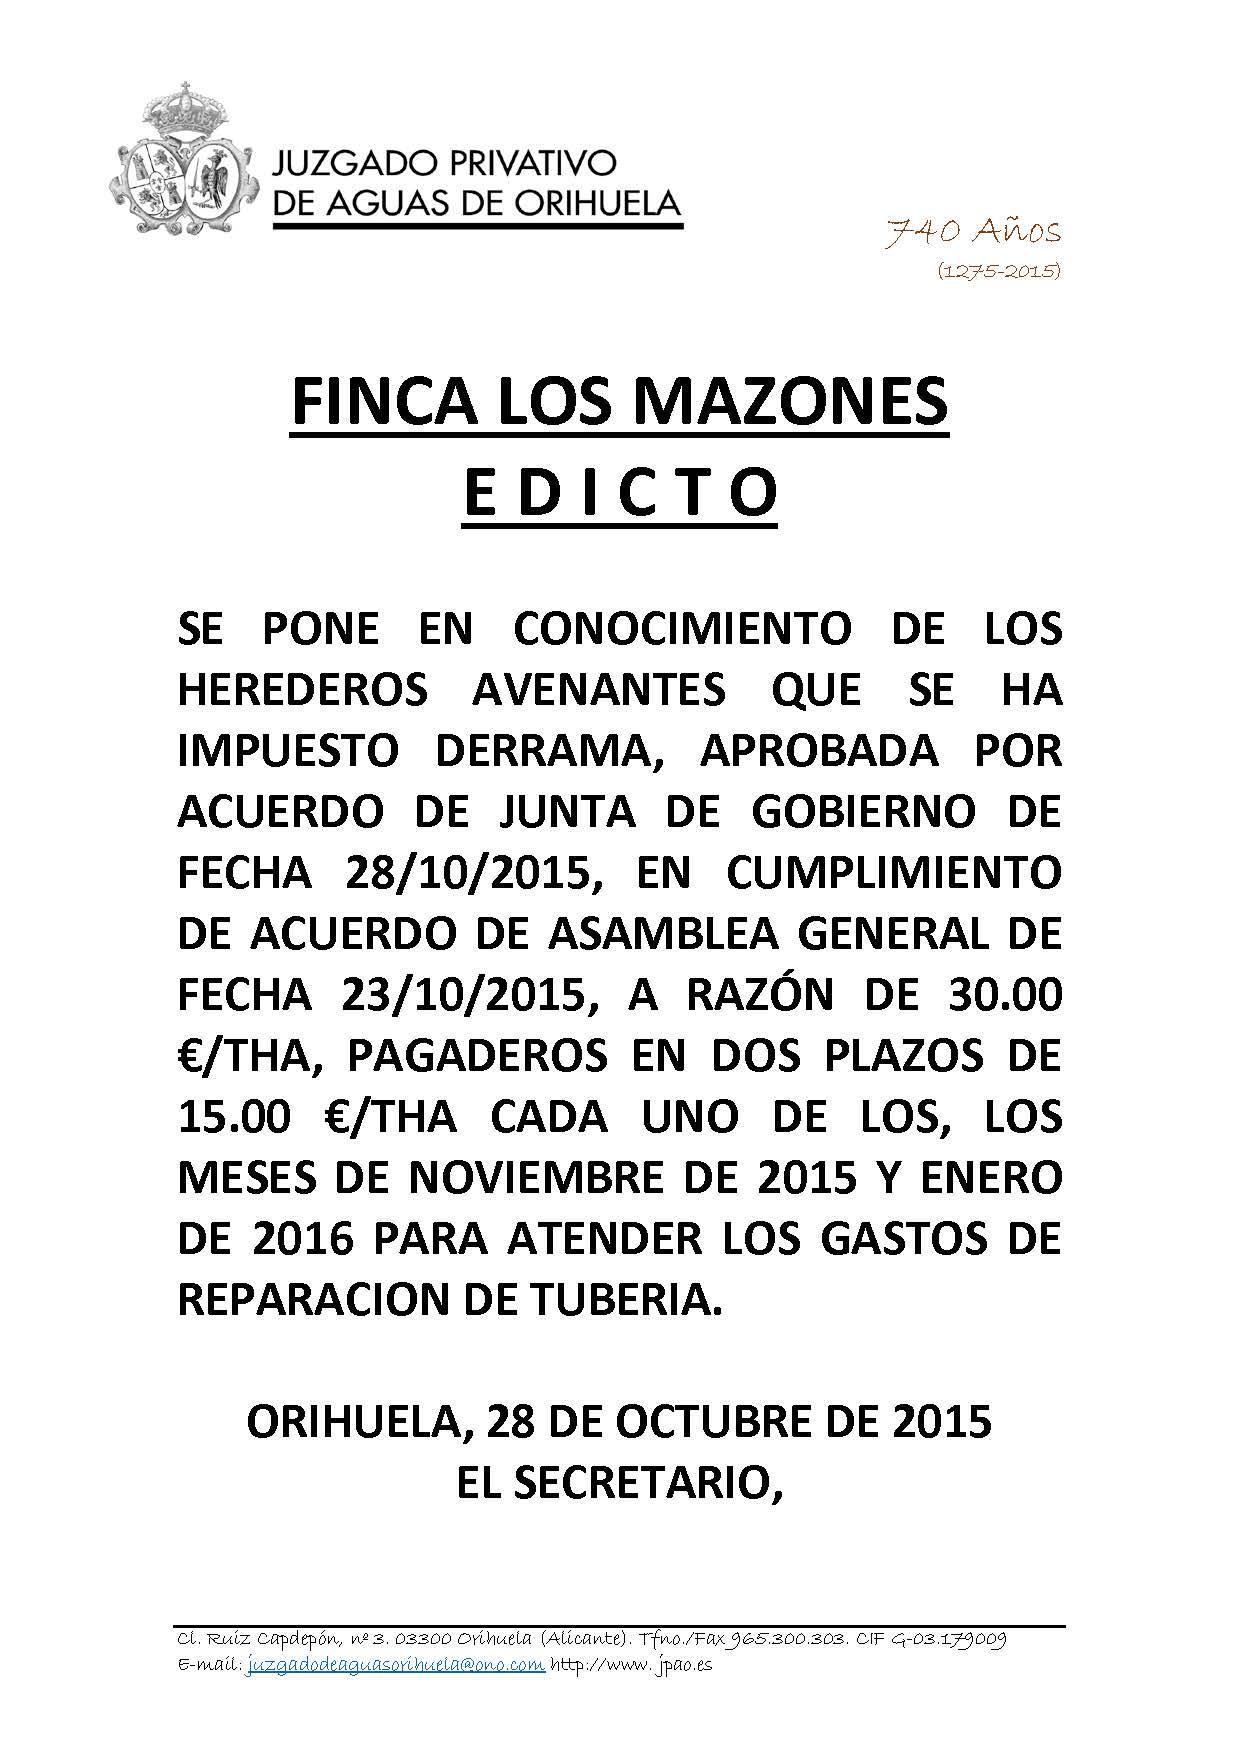 161 2015. FINCA LOS MAZONES. edicto imposicion derrama